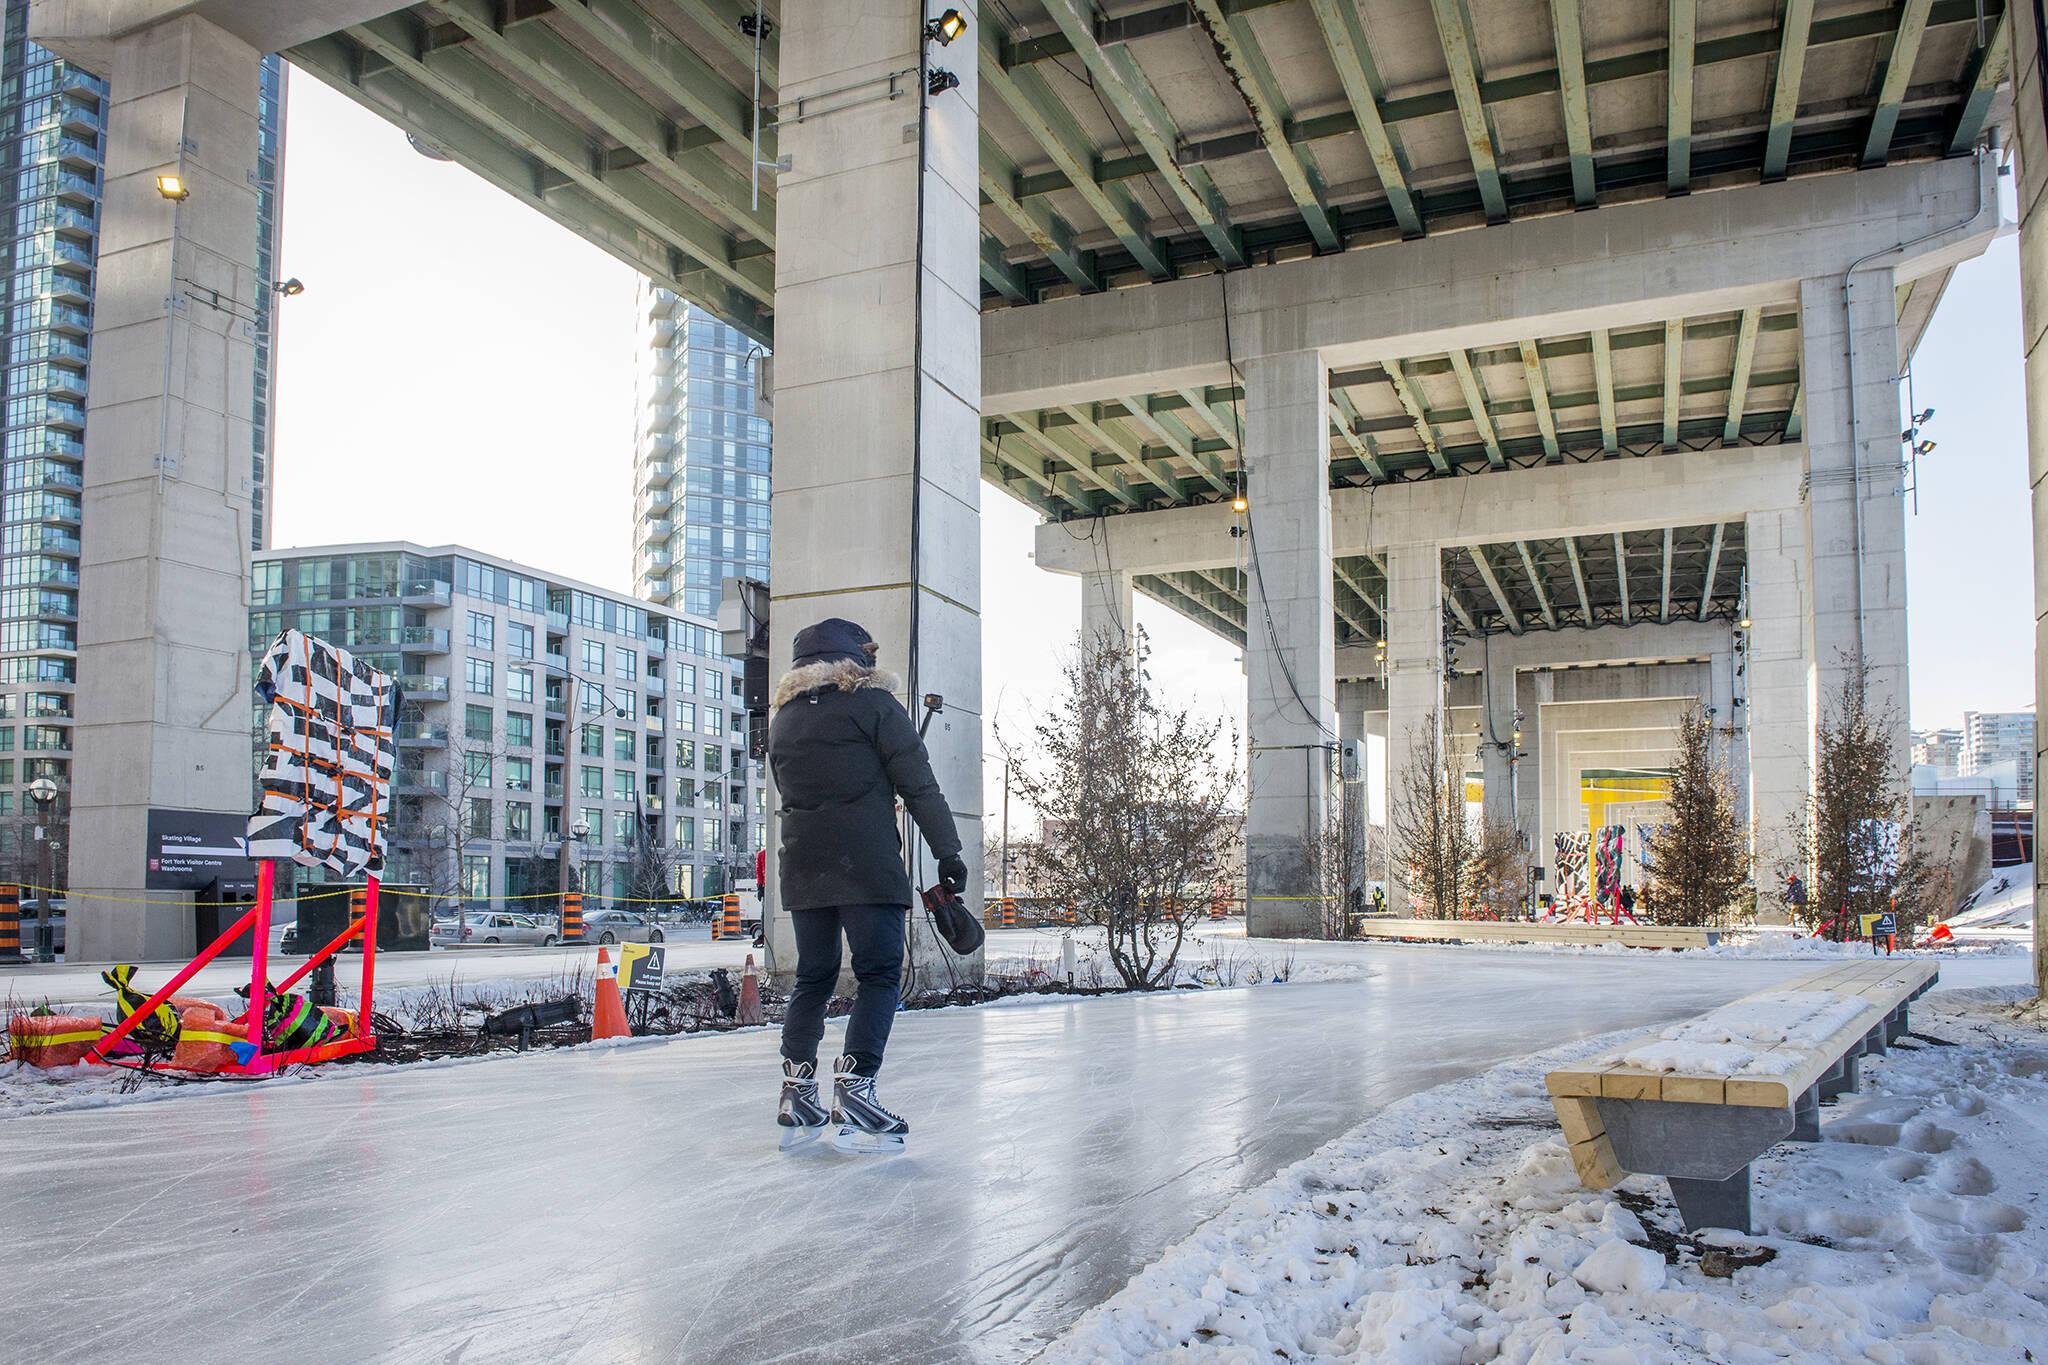 bentway skating